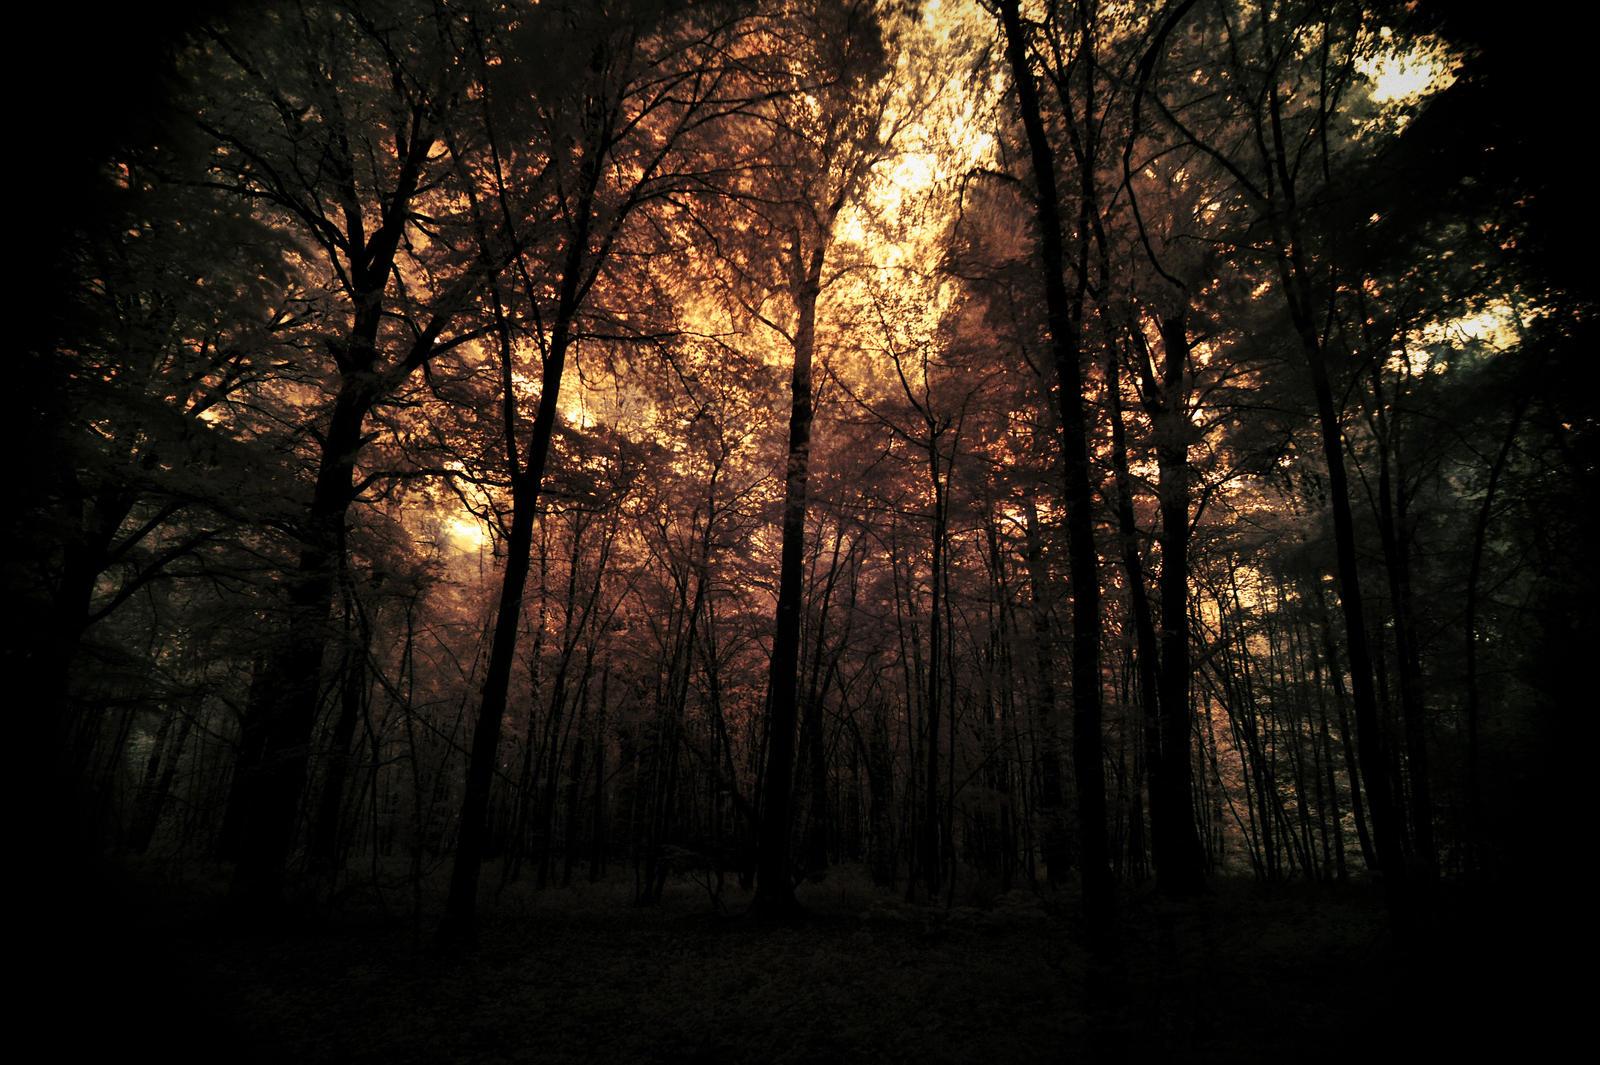 Dark Forest by pohlmannmark